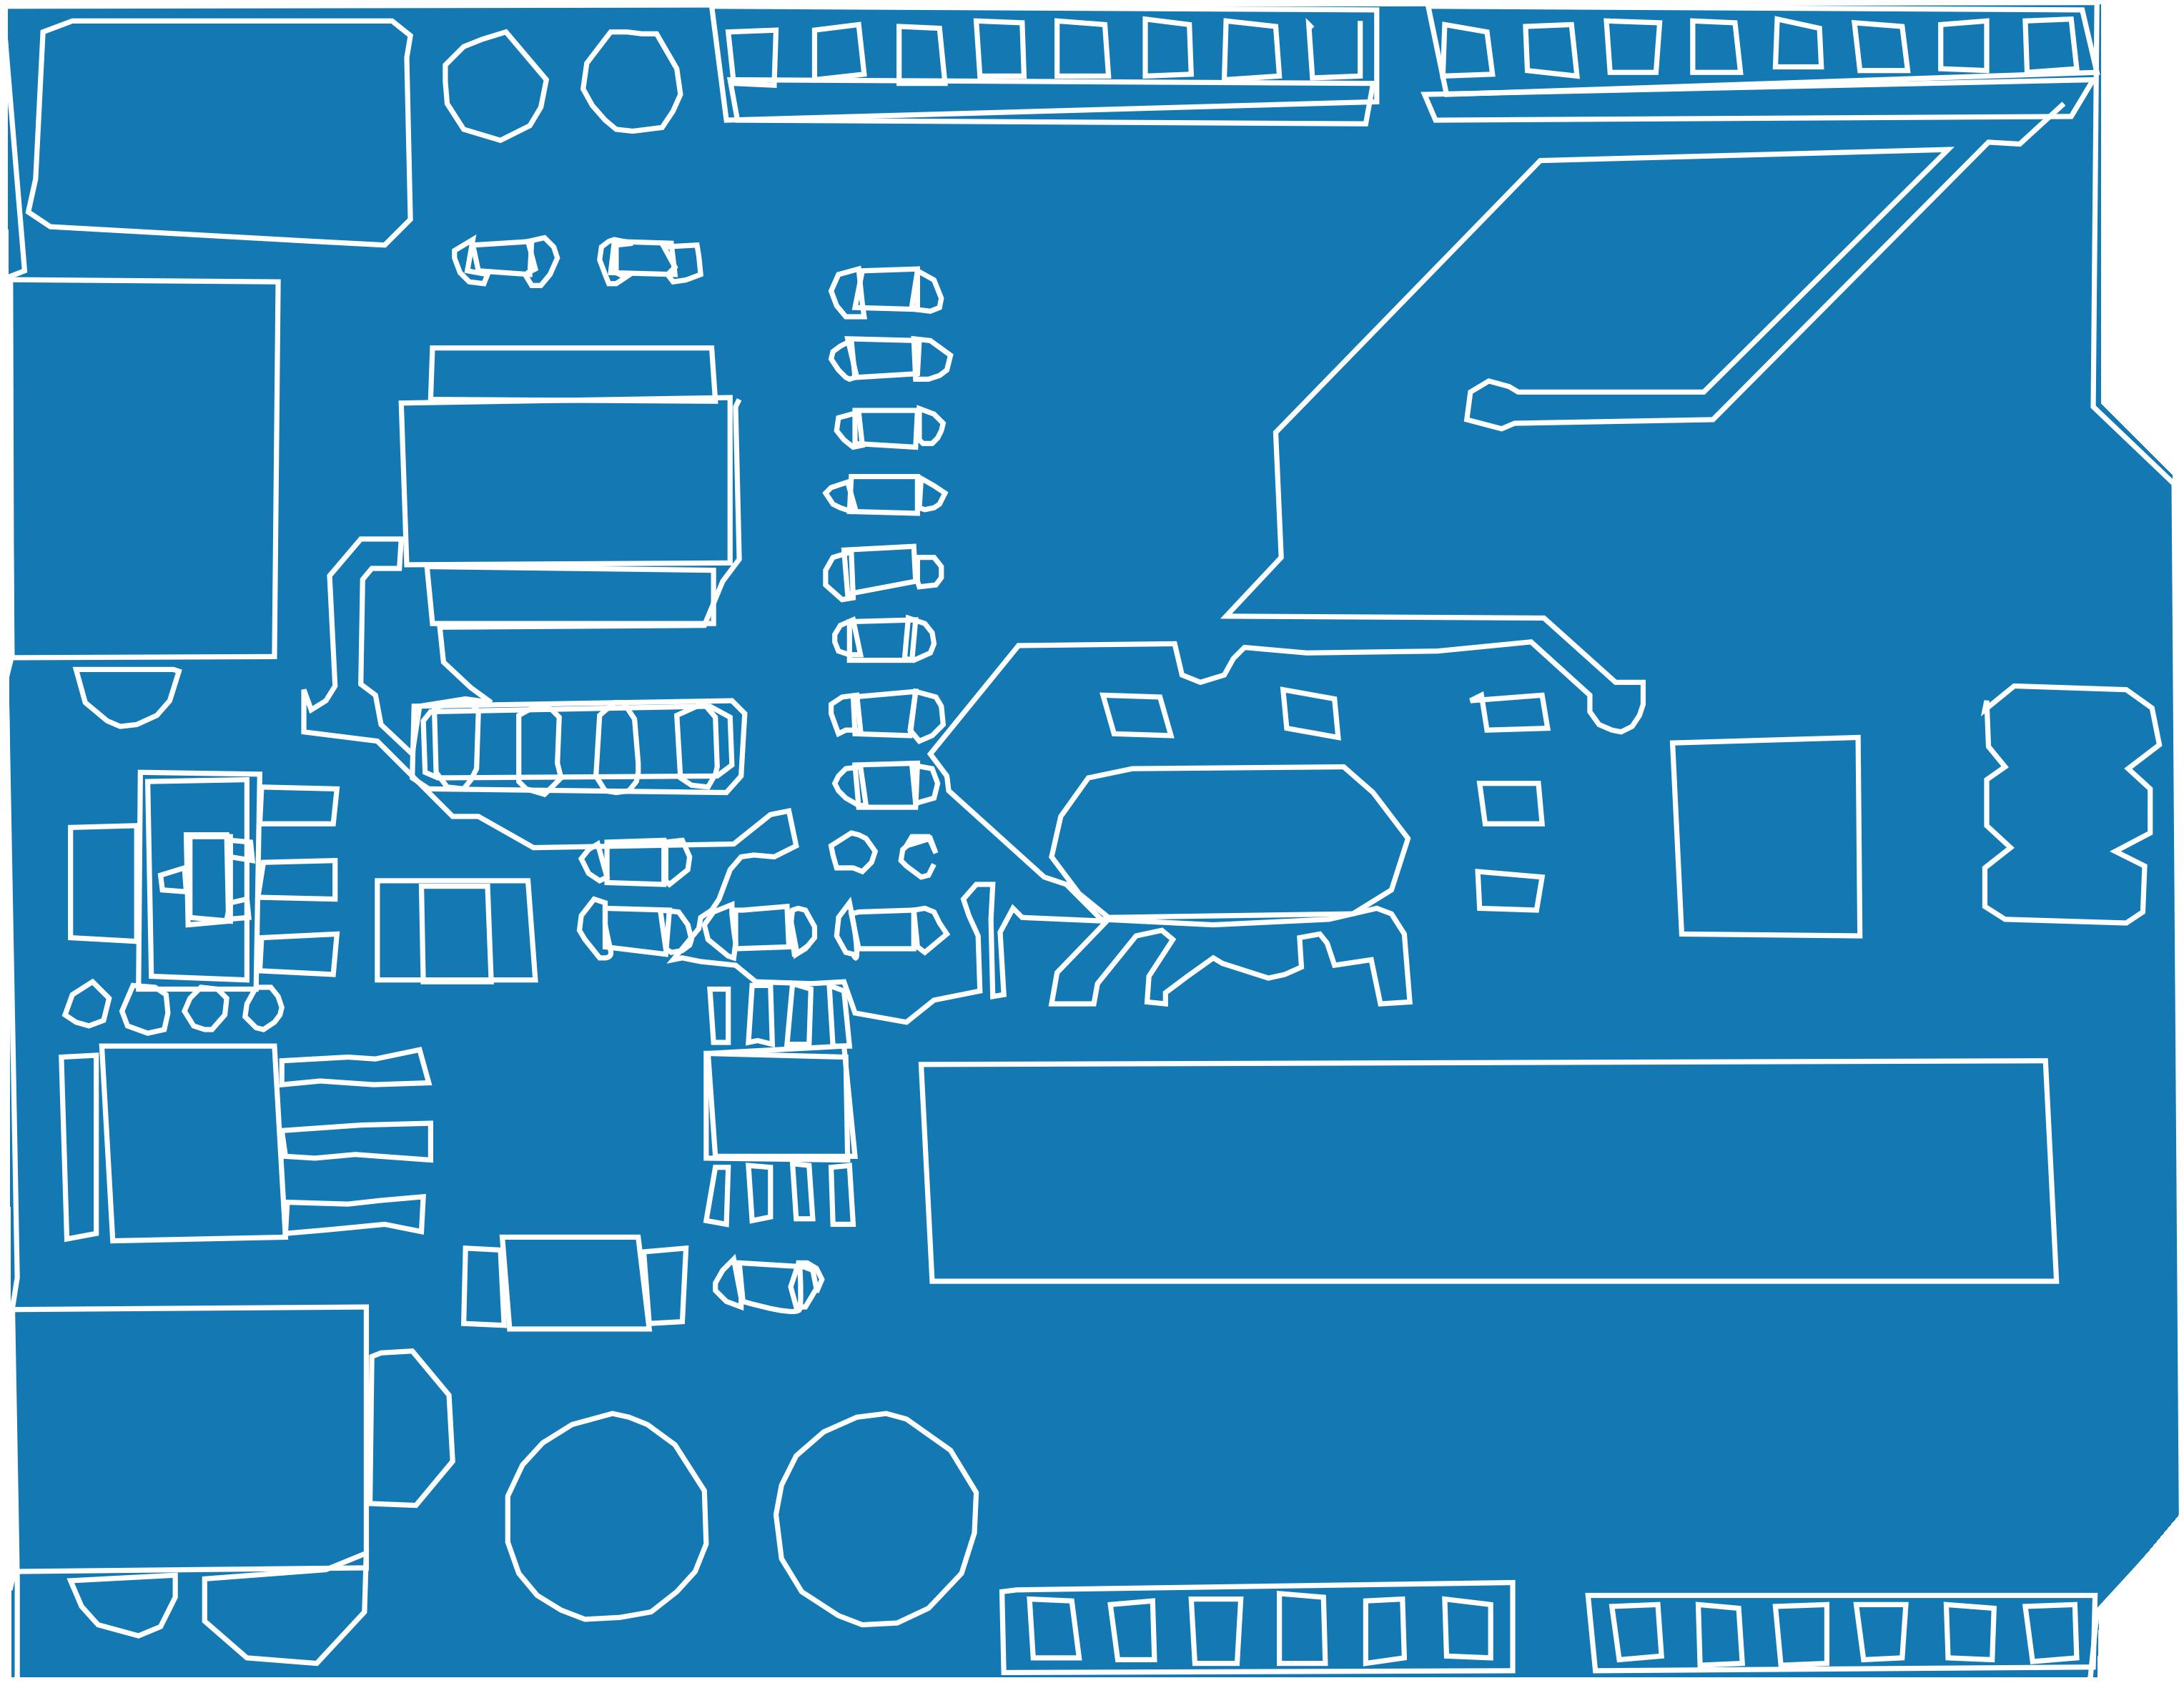 Http adaptstudio images arduino